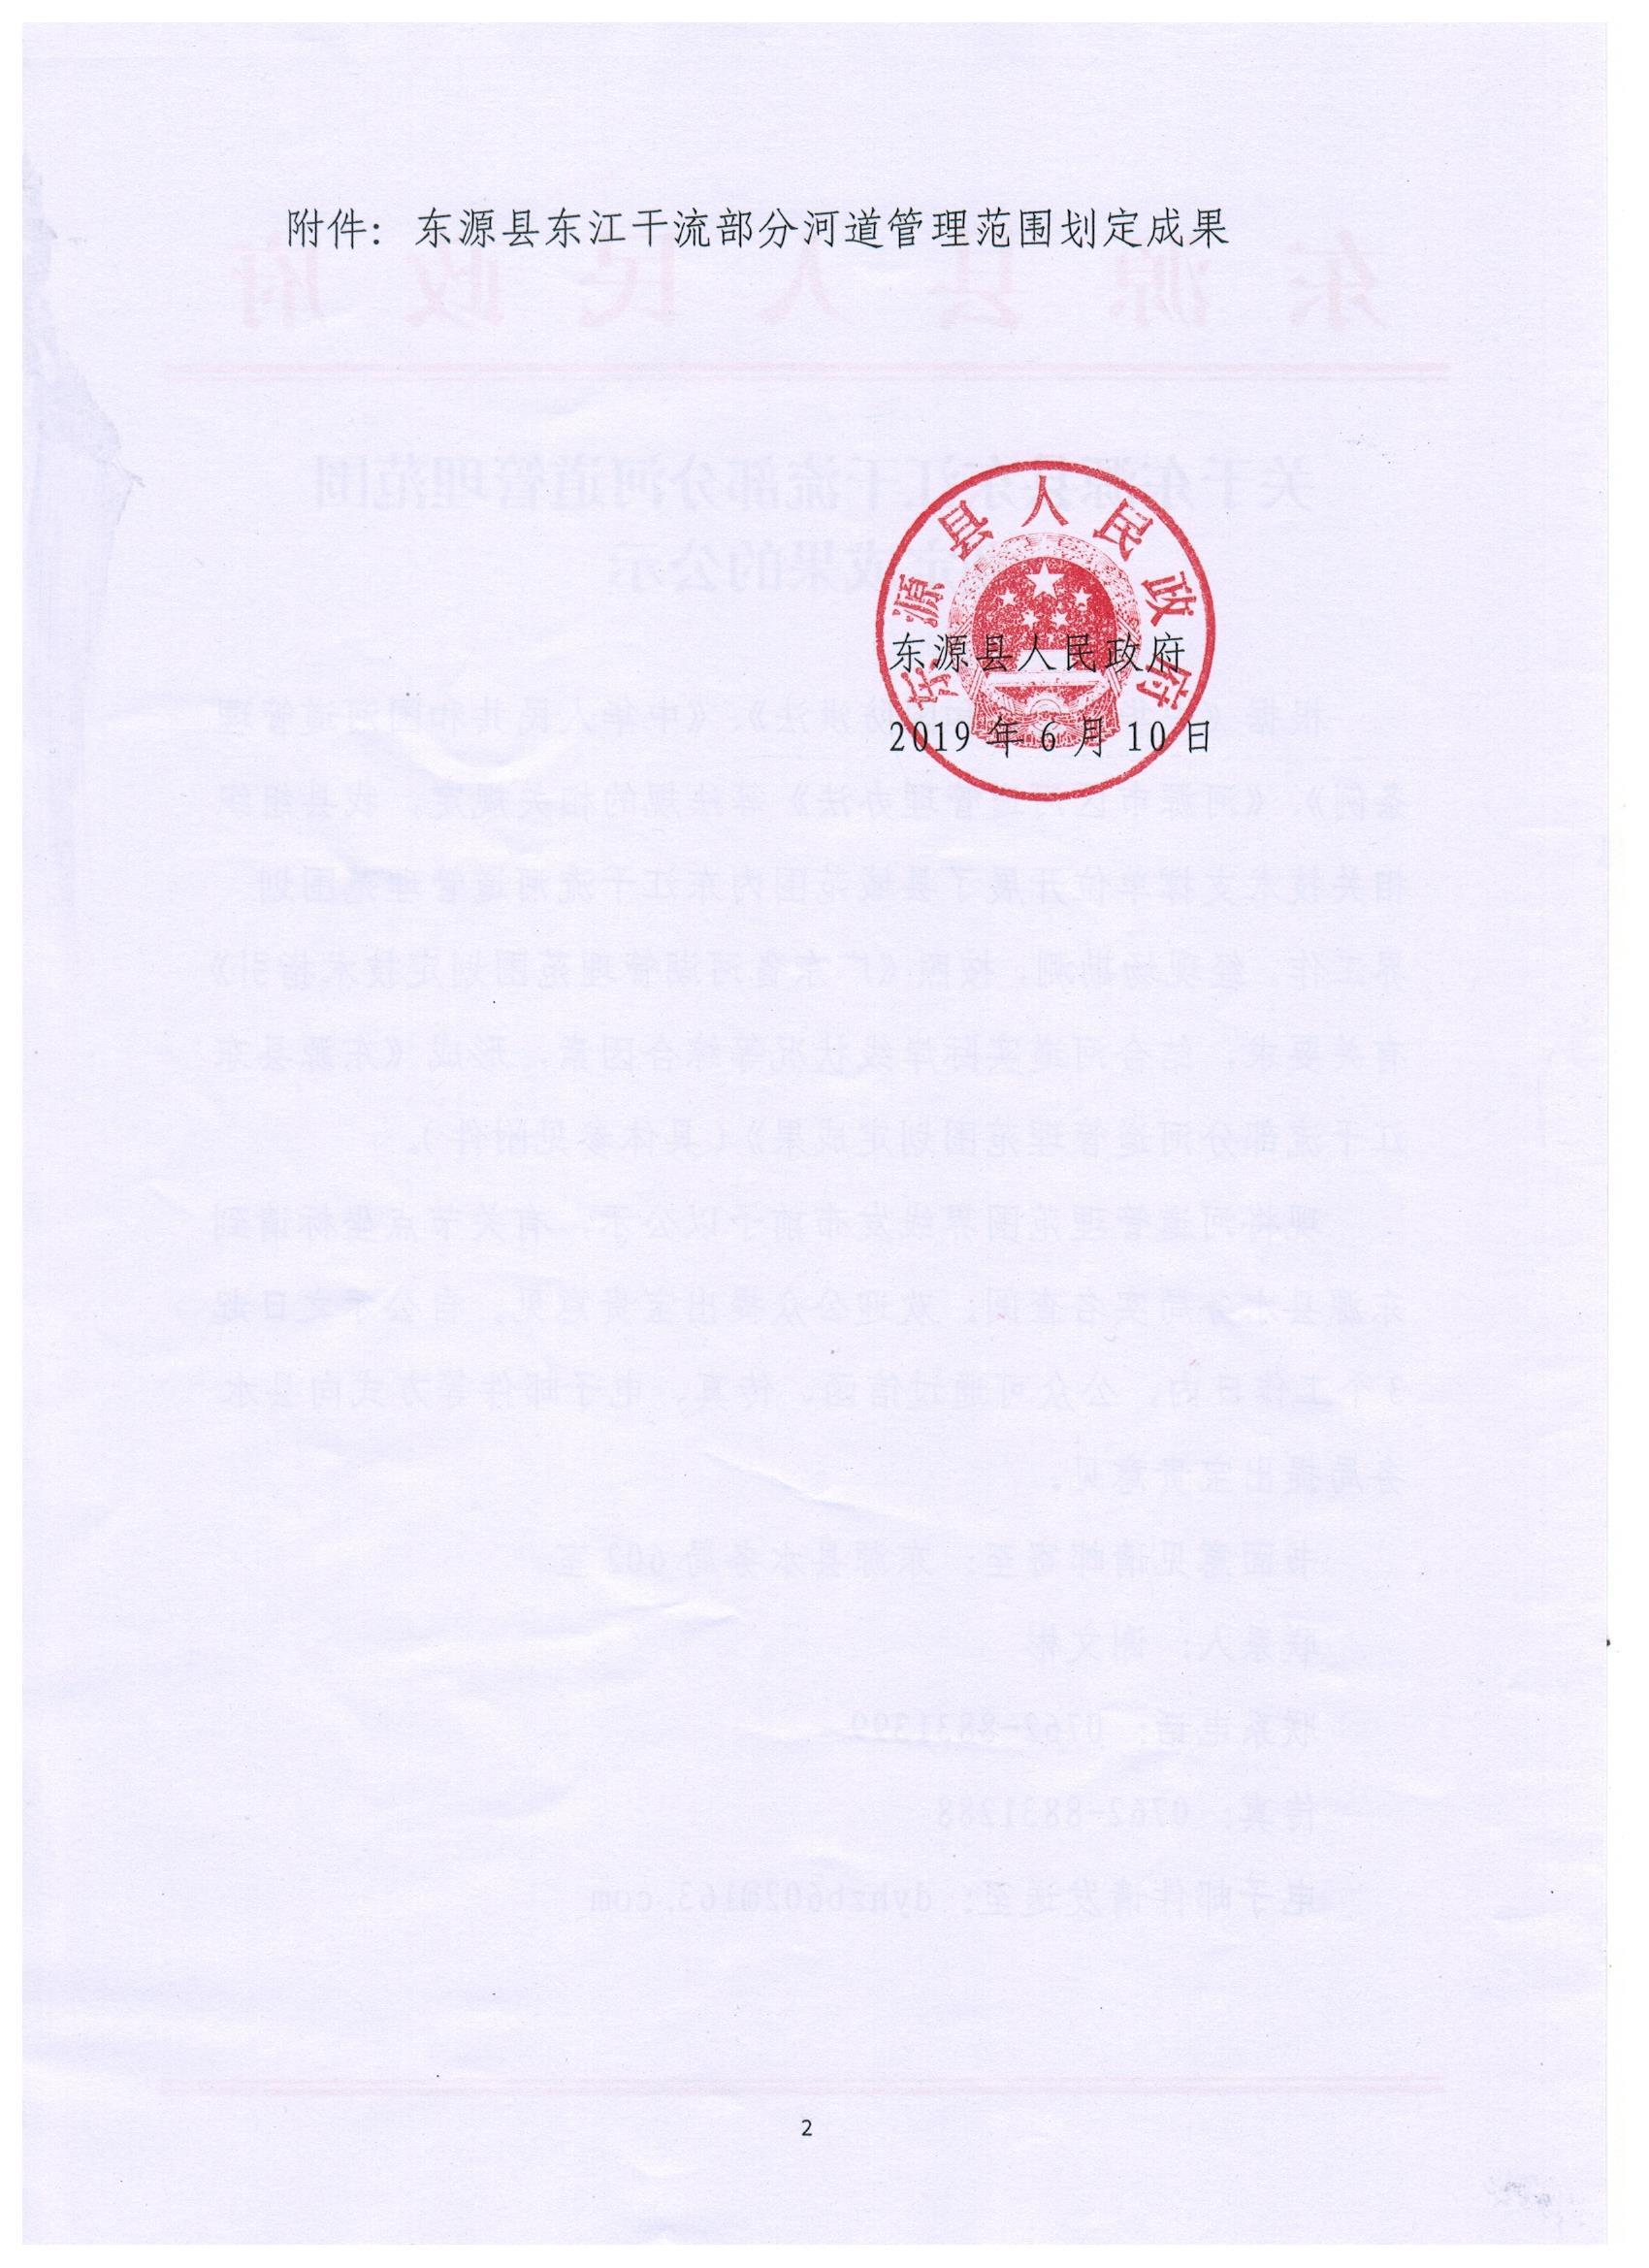 东江河道管理范围划界公示2.jpeg